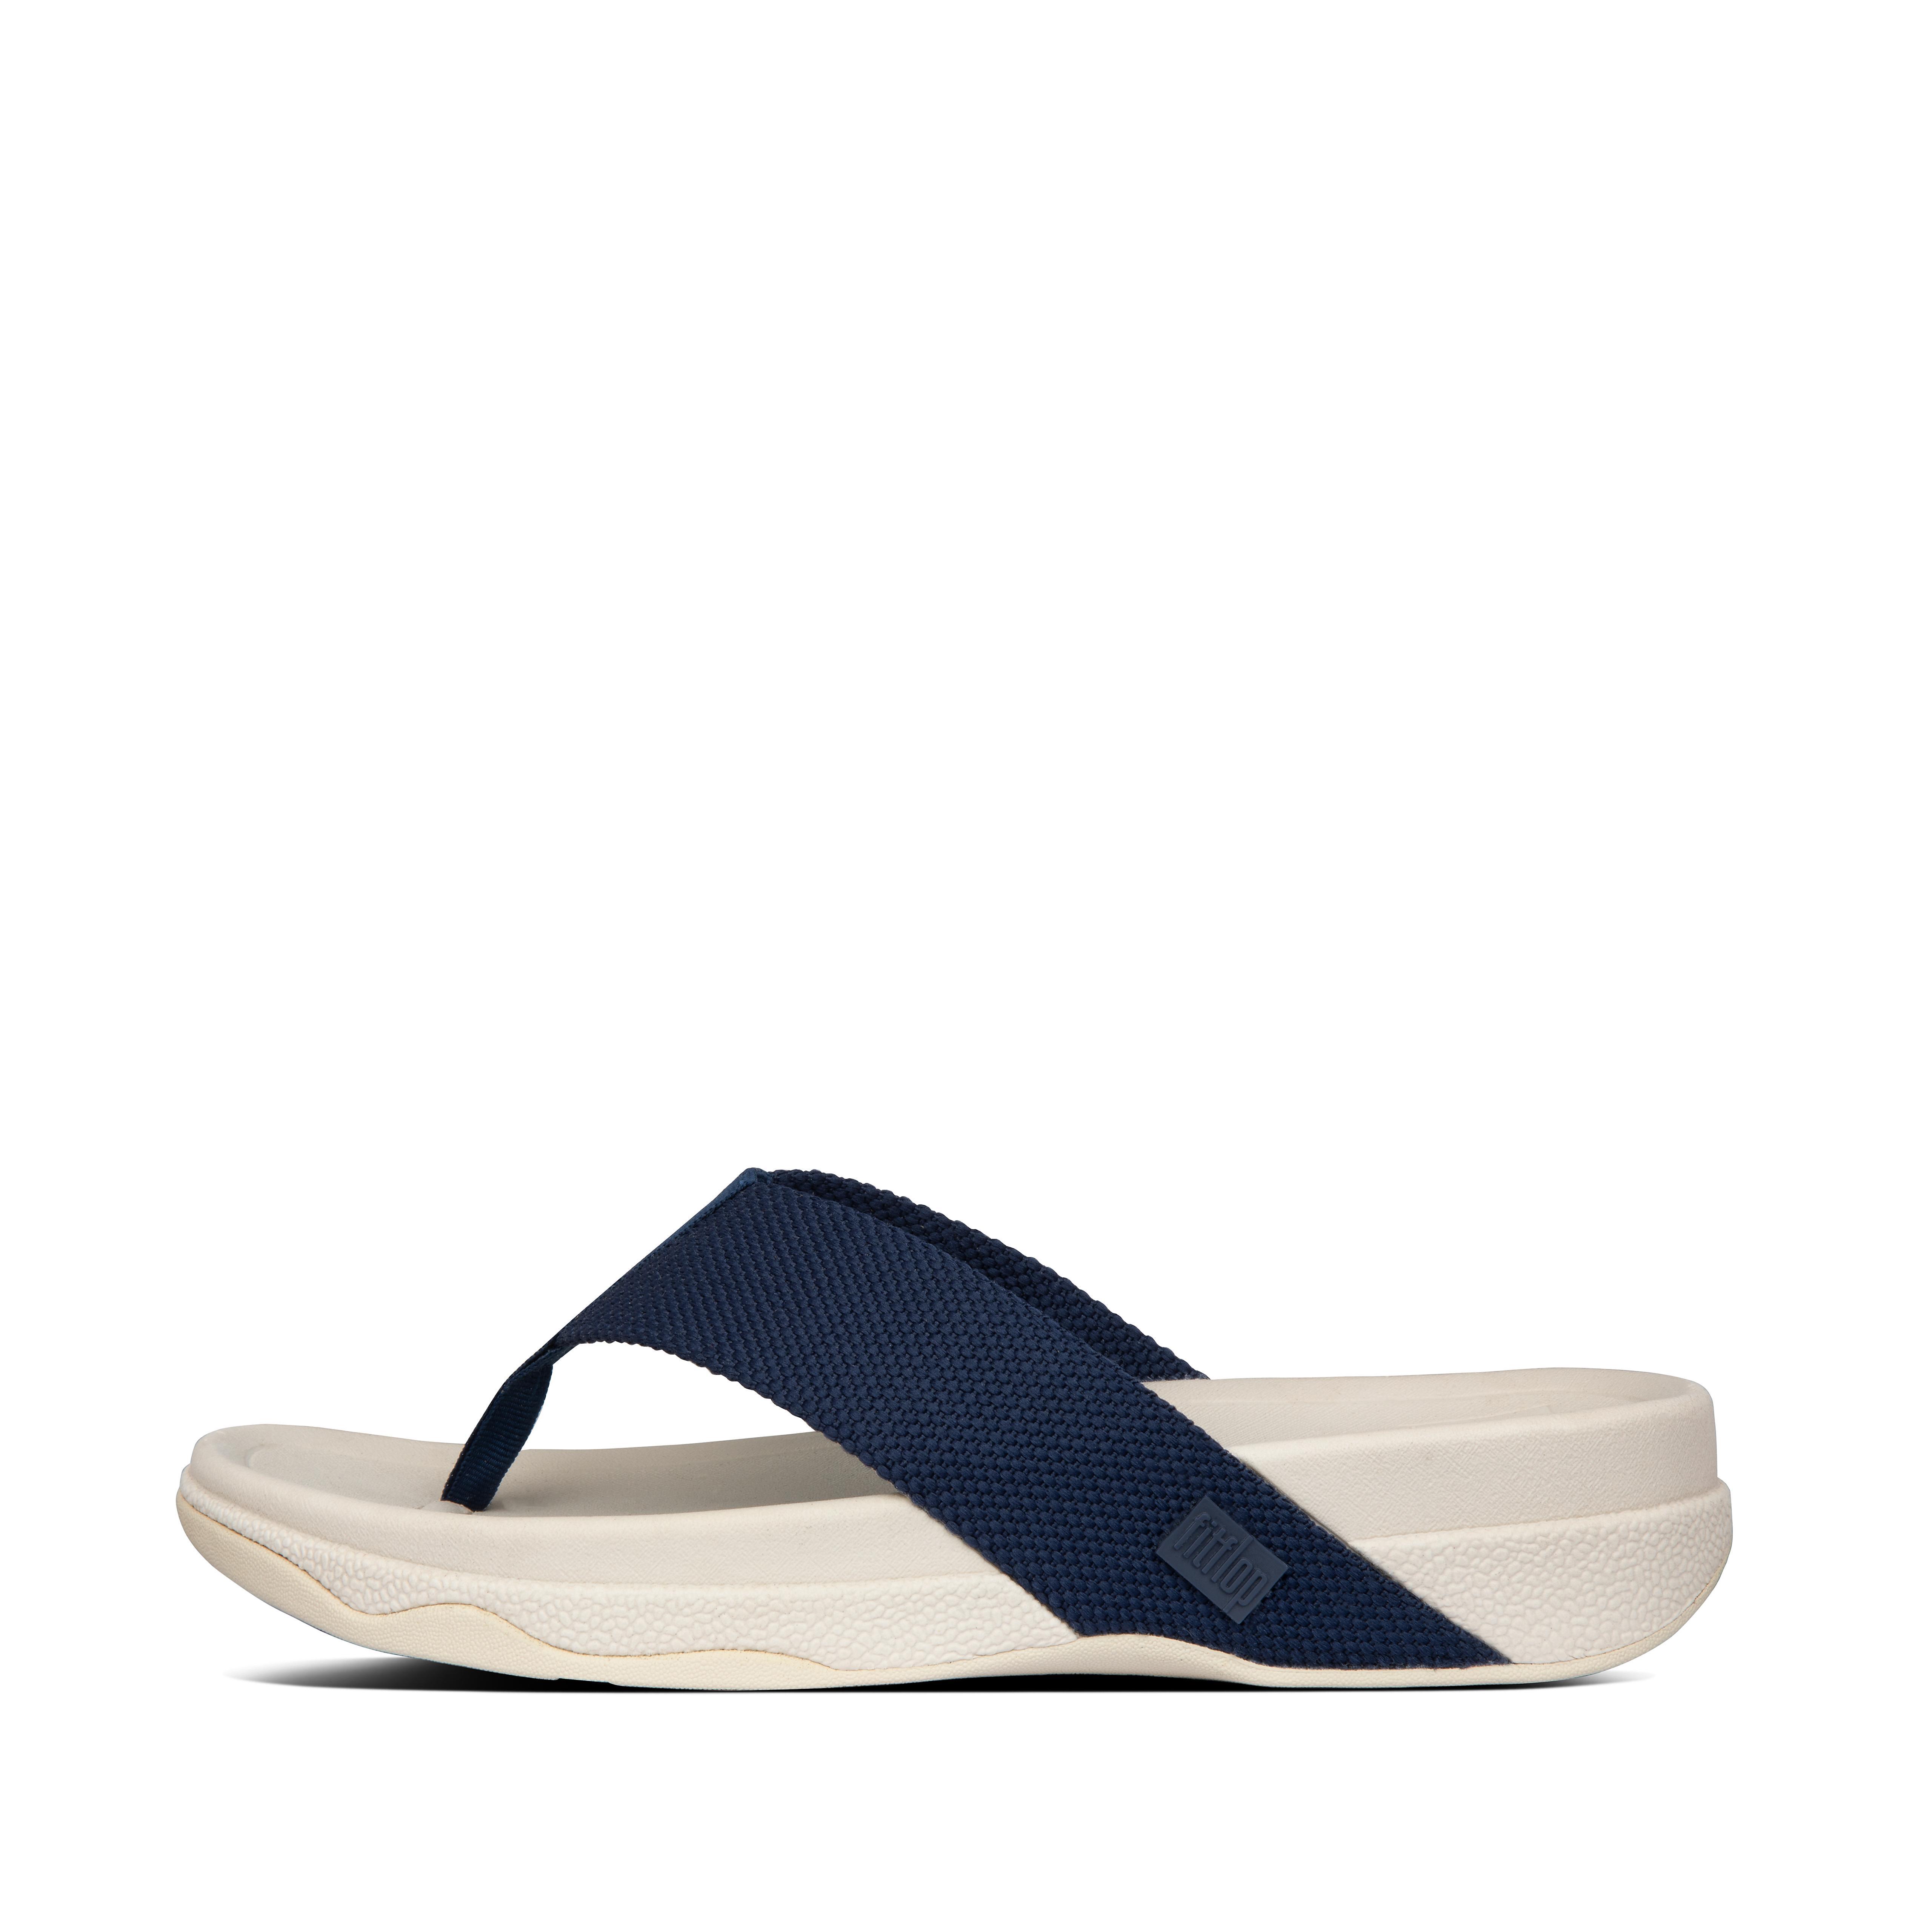 핏플랍 SURFER 샌들 Mens Surfer Polyester Toe-Post Sandals,Midnight Navy